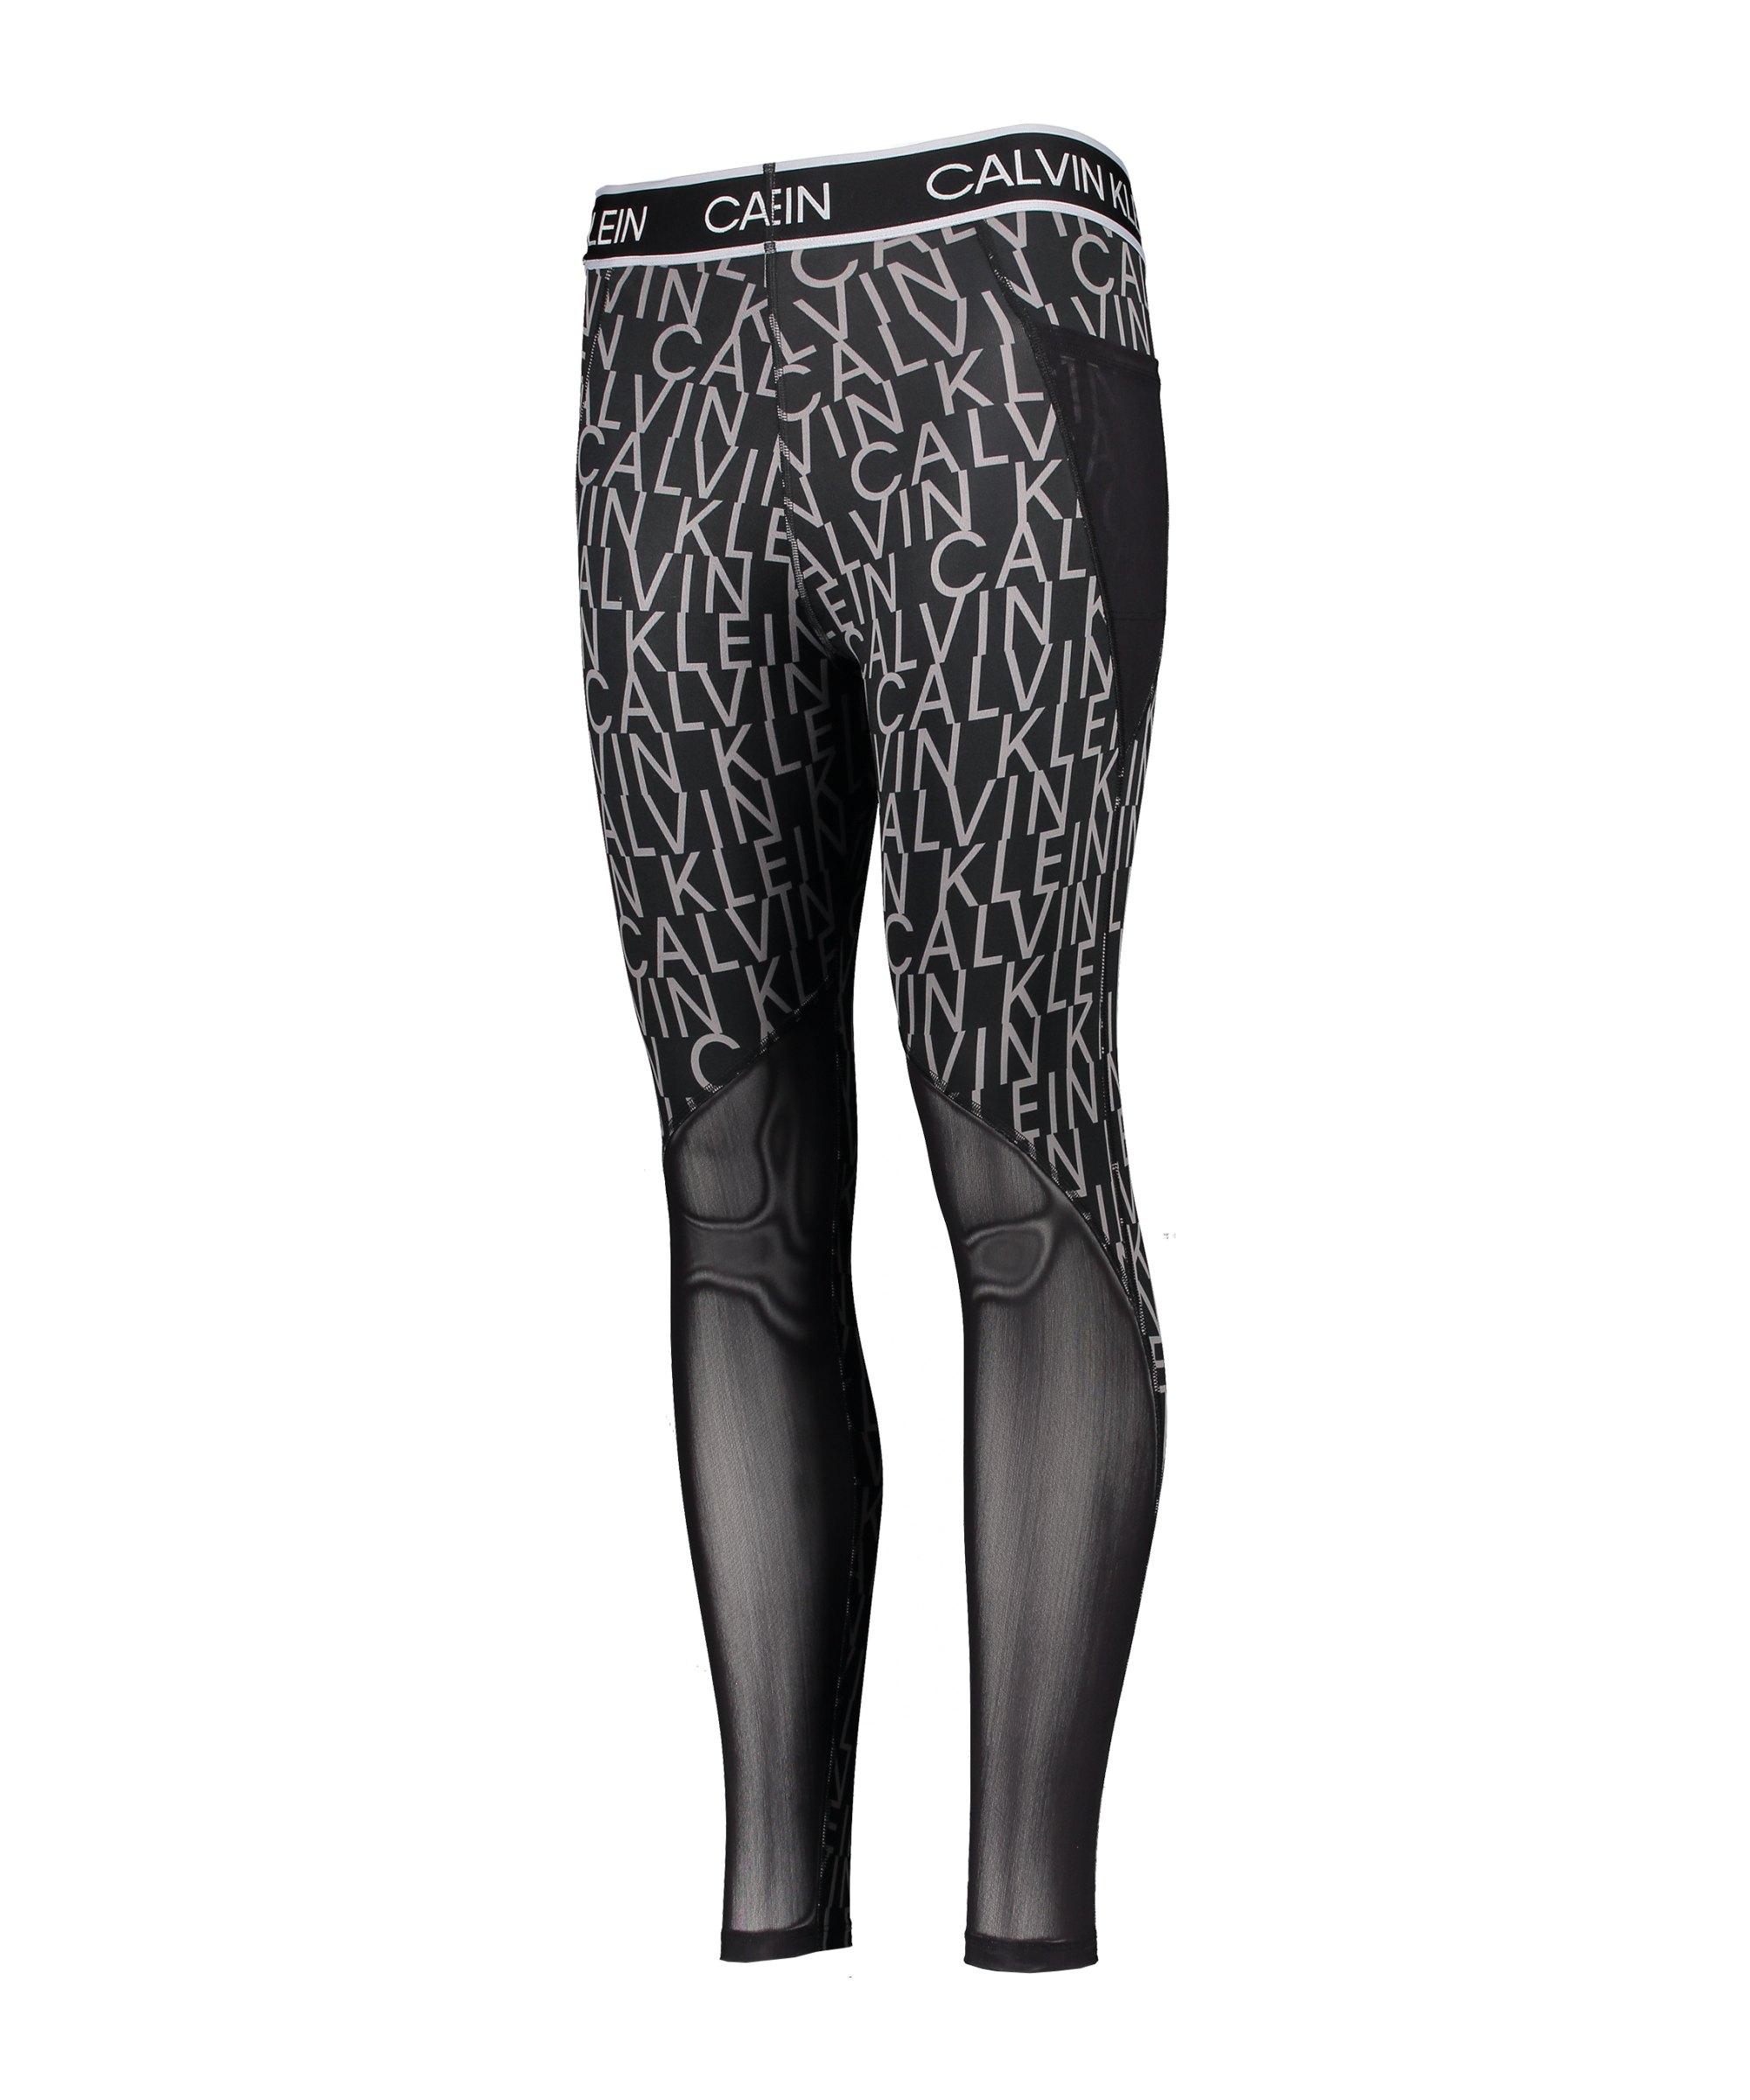 Calvin Klein Leggings Damen Schwarz Weiss F003 - schwarz